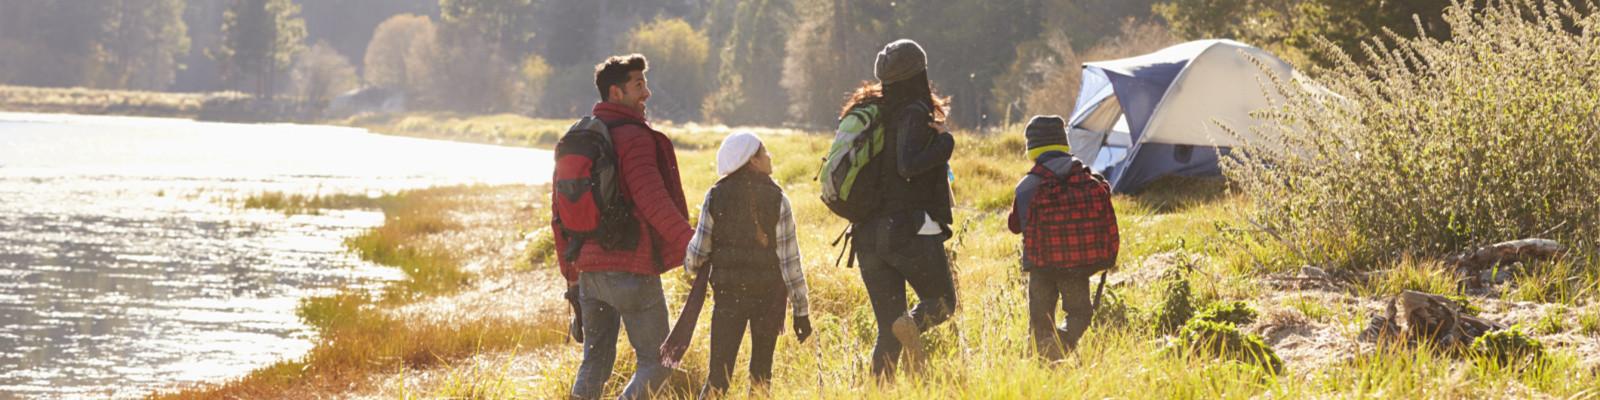 Familienurlaub individuell